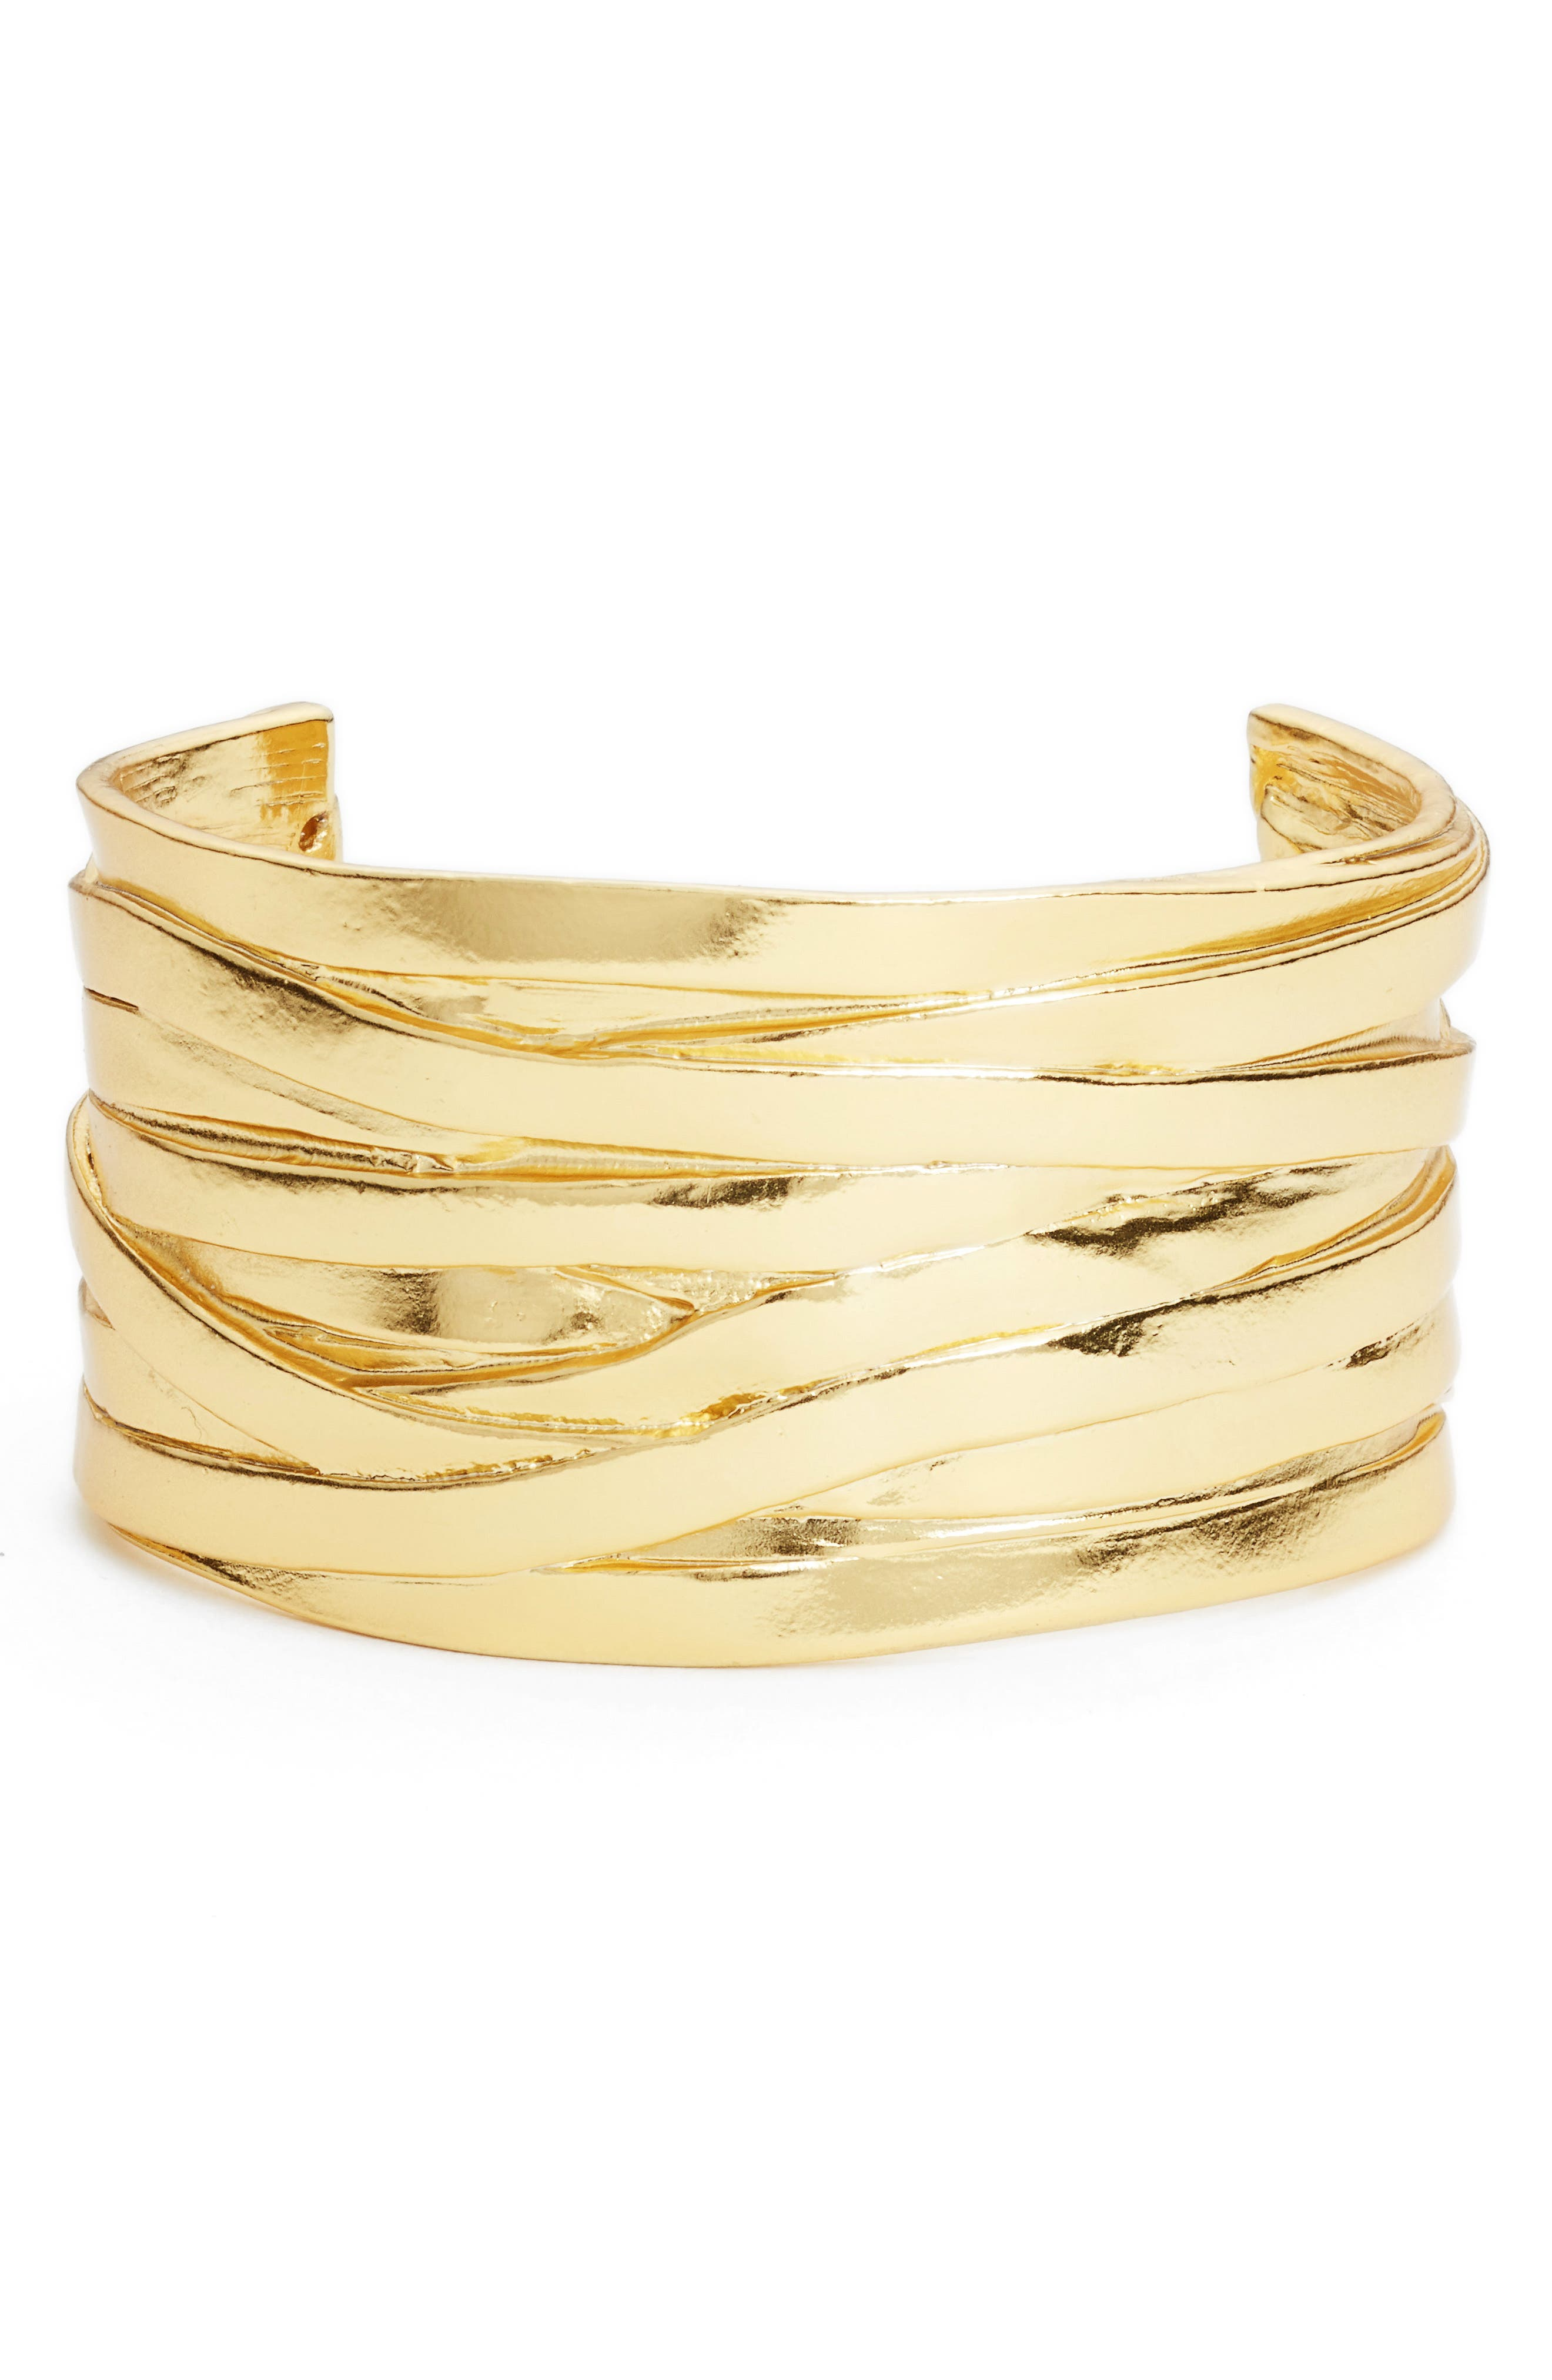 Main Image - Karine Sultan Angelique Wrist Cuff